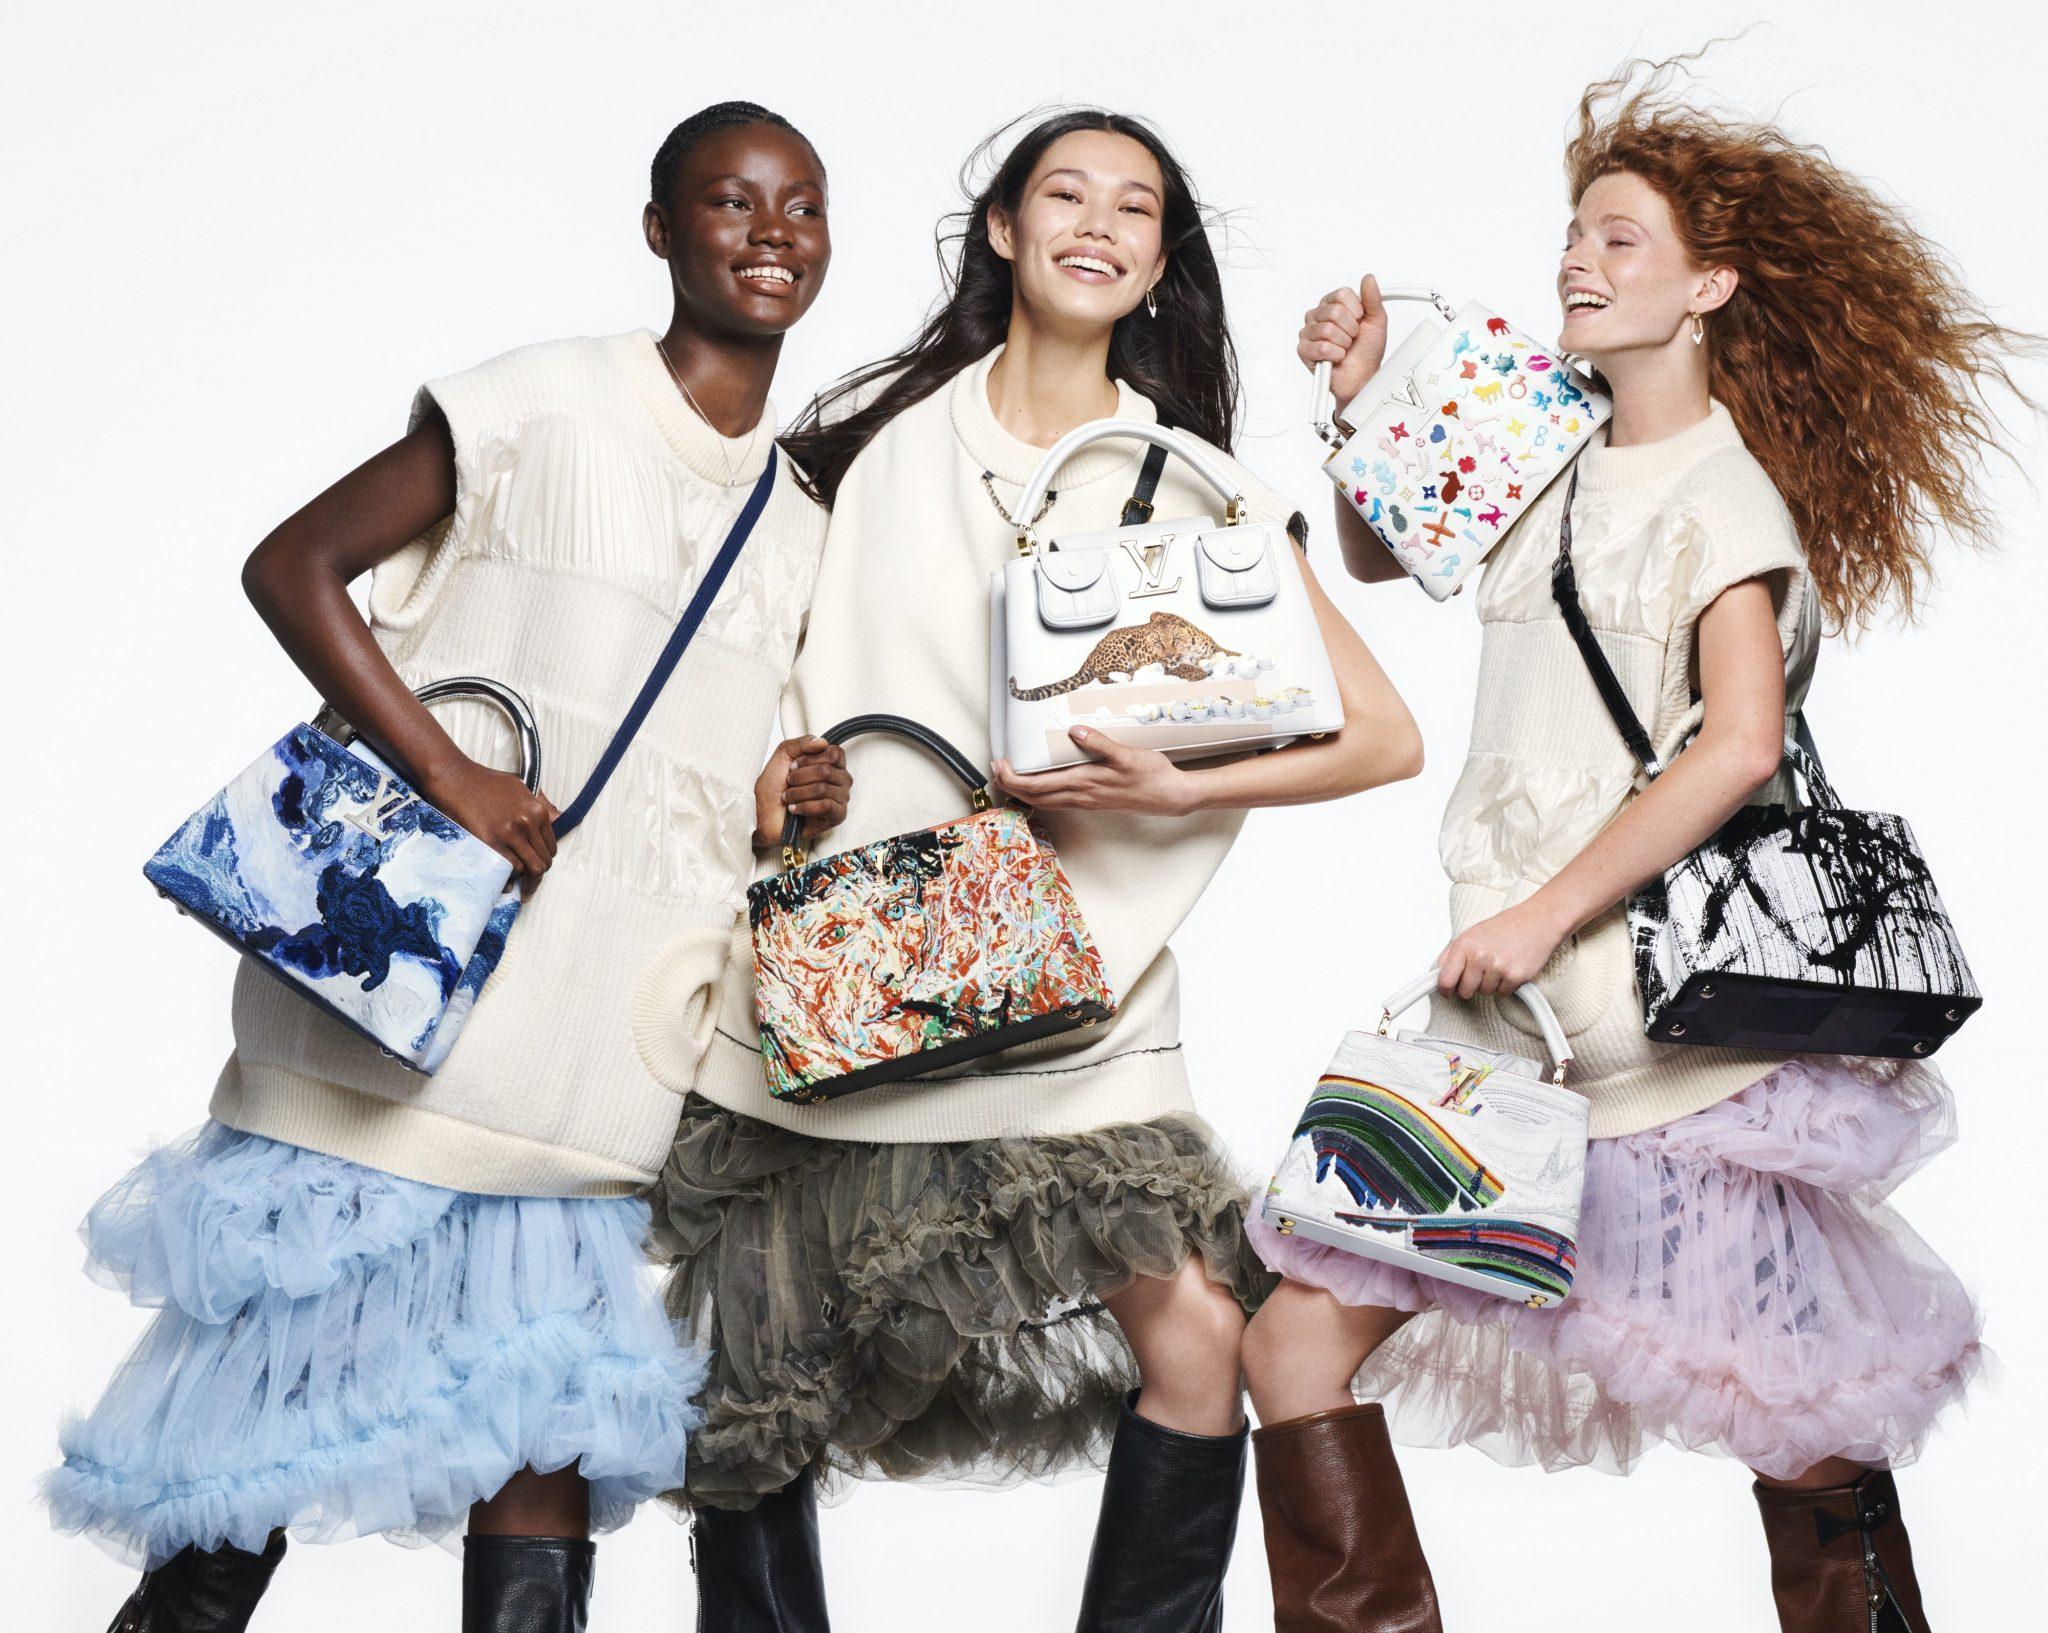 Zes kunstenaars zetten de Capucines-tas van Louis Vuitton naar hun hand - 7